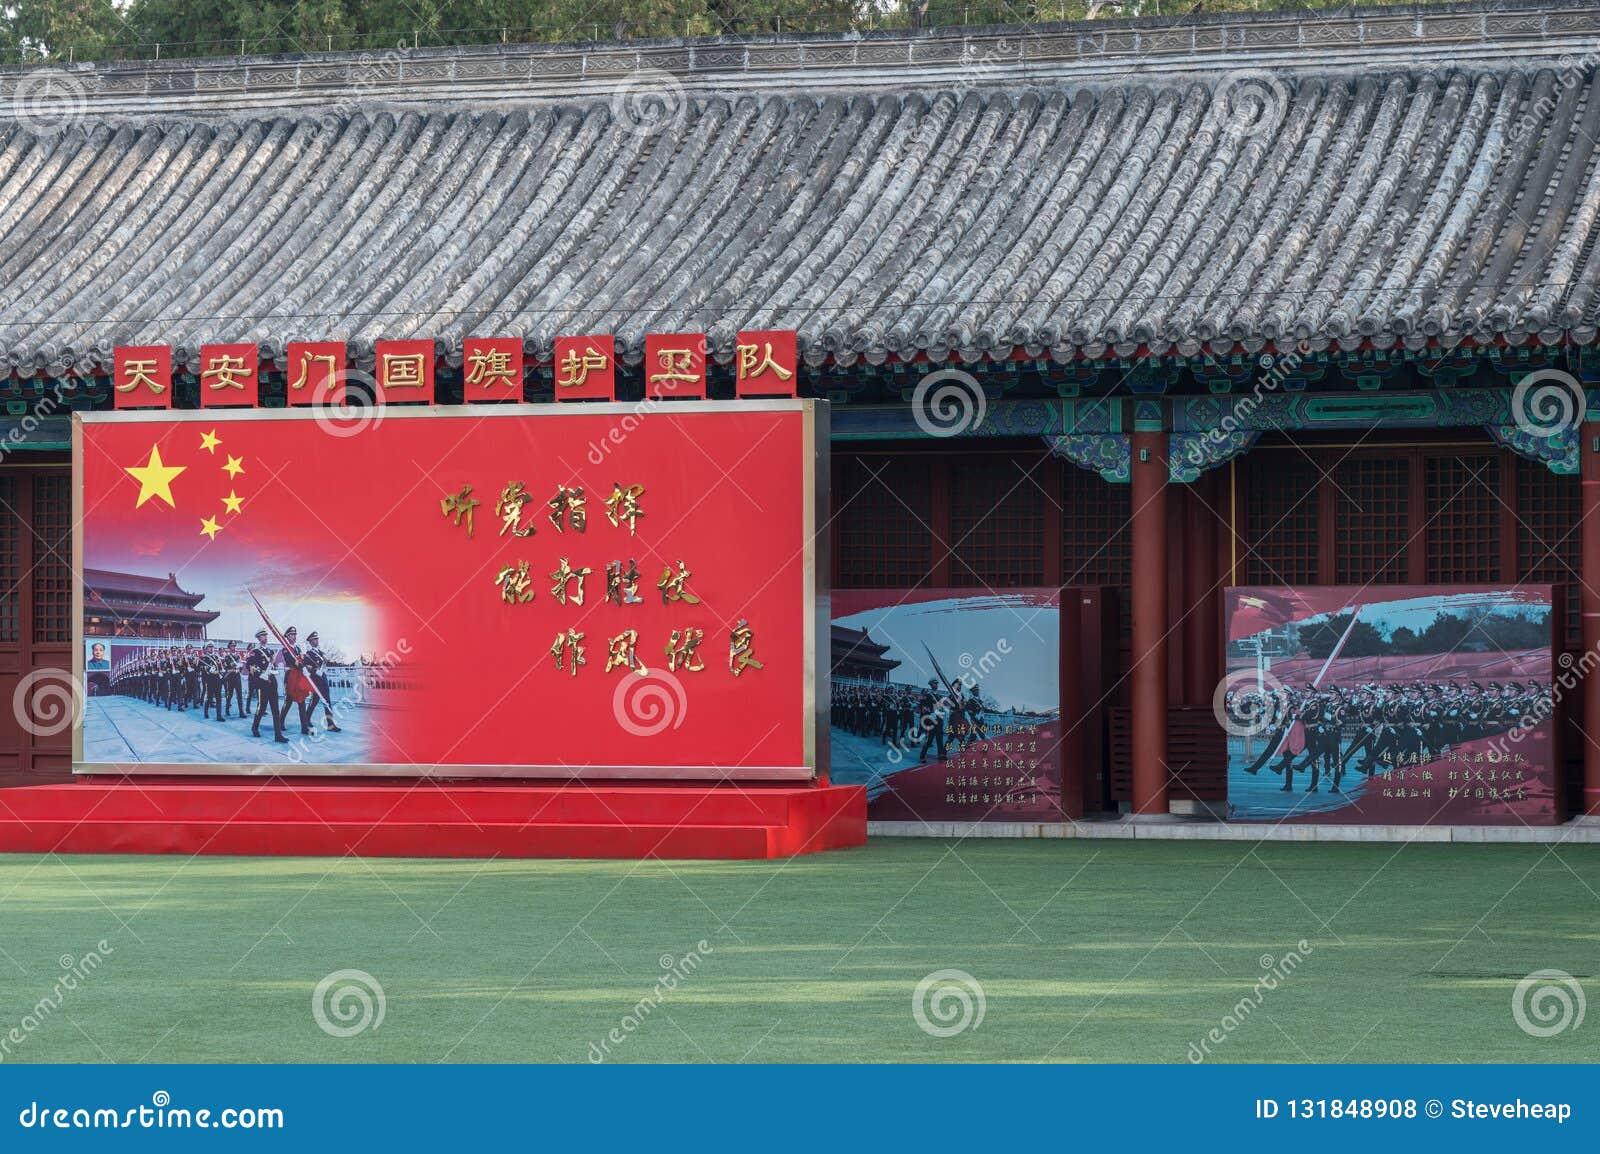 Έδαφος κατάρτισης για την απαγορευμένη πόλη στρατού μέσα στο Πεκίνο